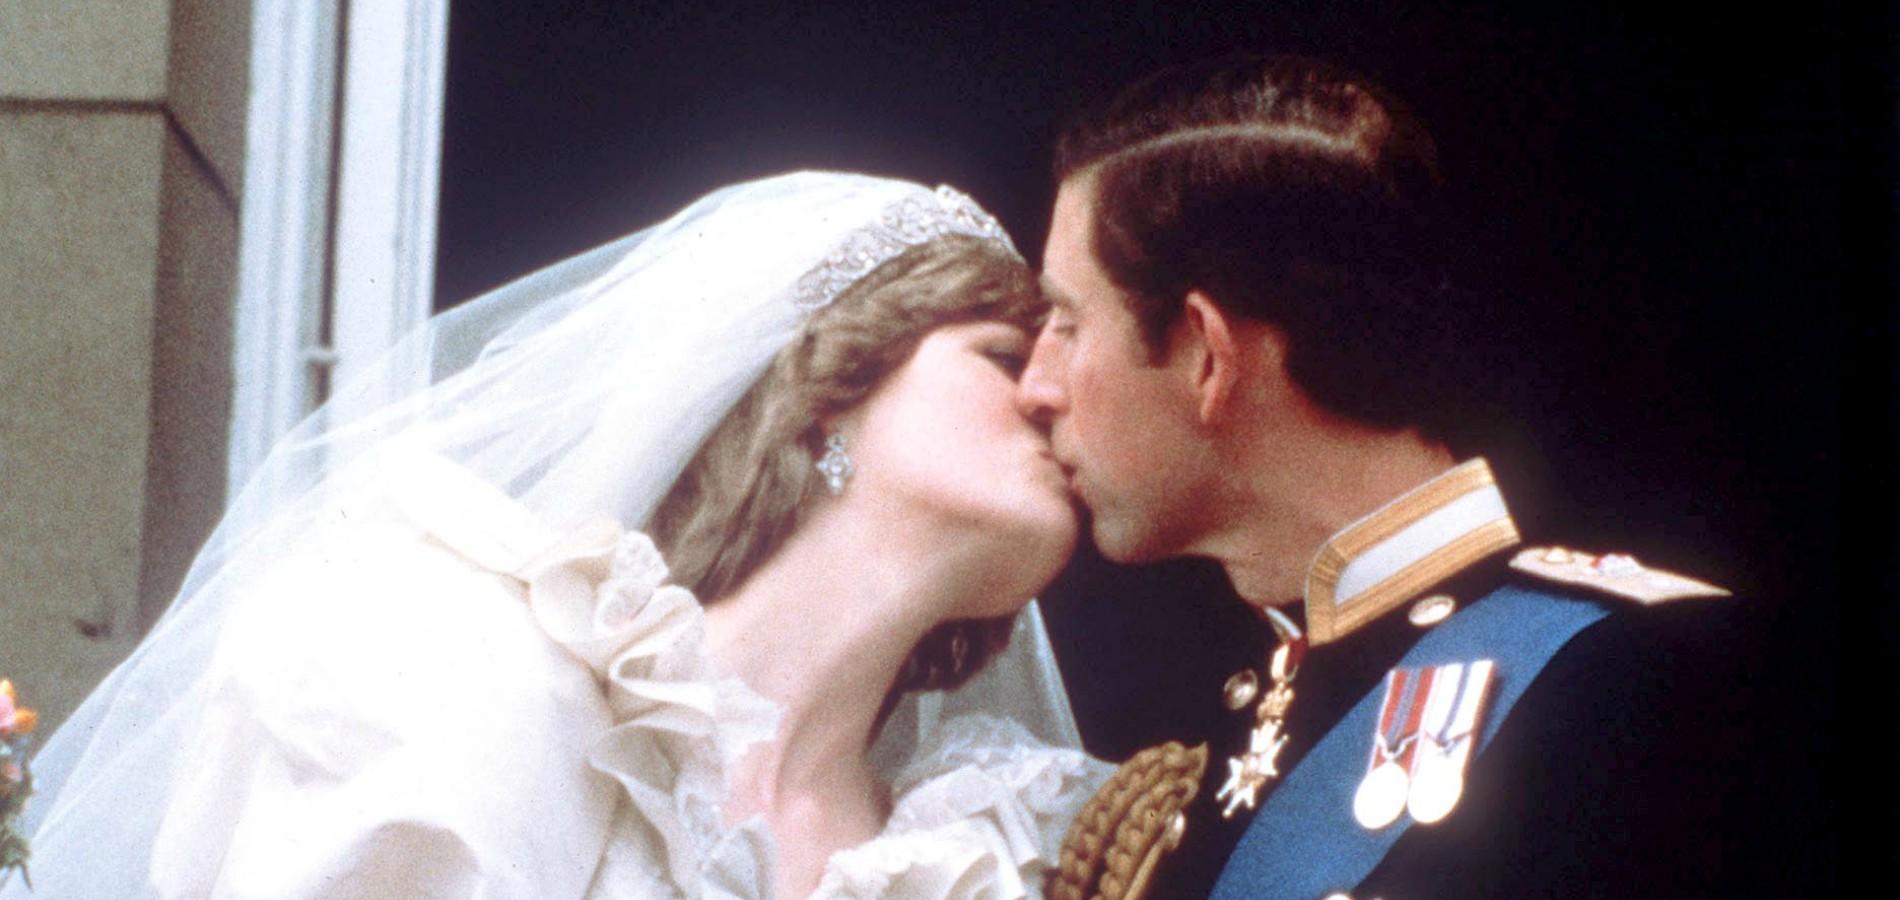 Le mariage de Lady Diana et du prince Charles adapté en comédie musicale